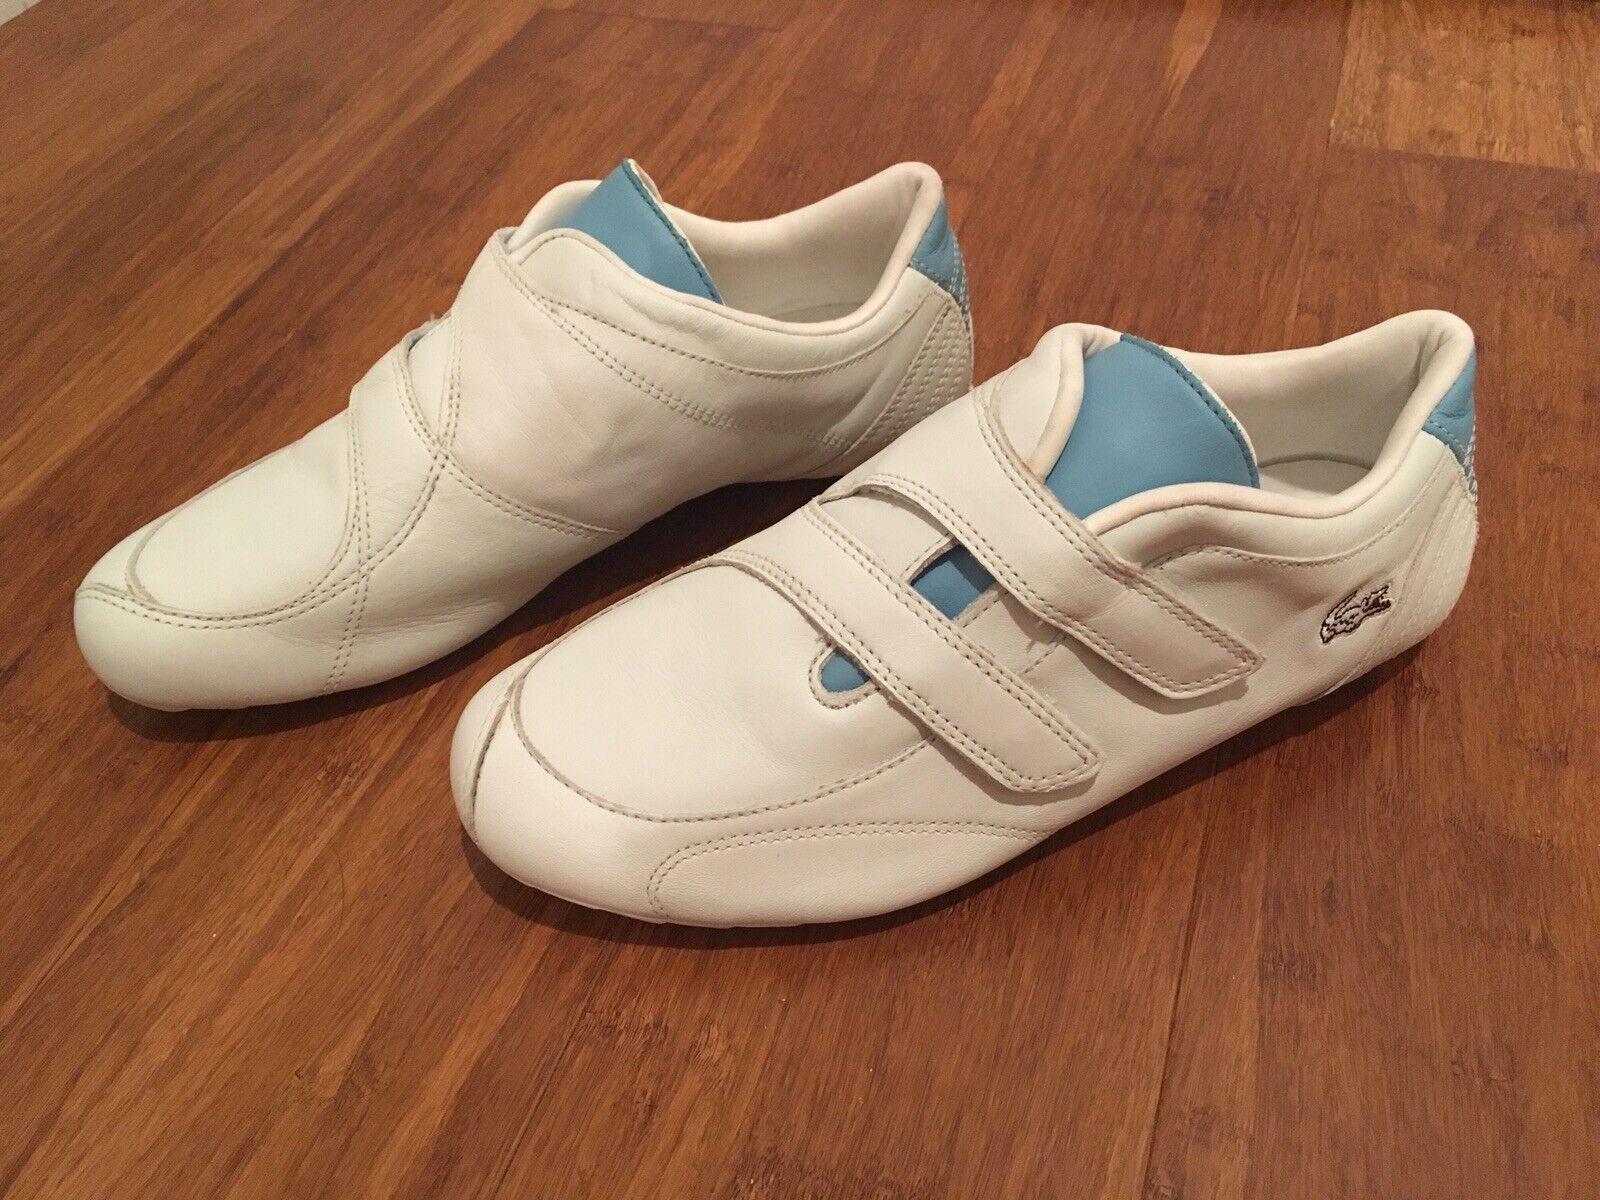 Lacoste Spindarella shoe size US 8  Eur 39.5 women